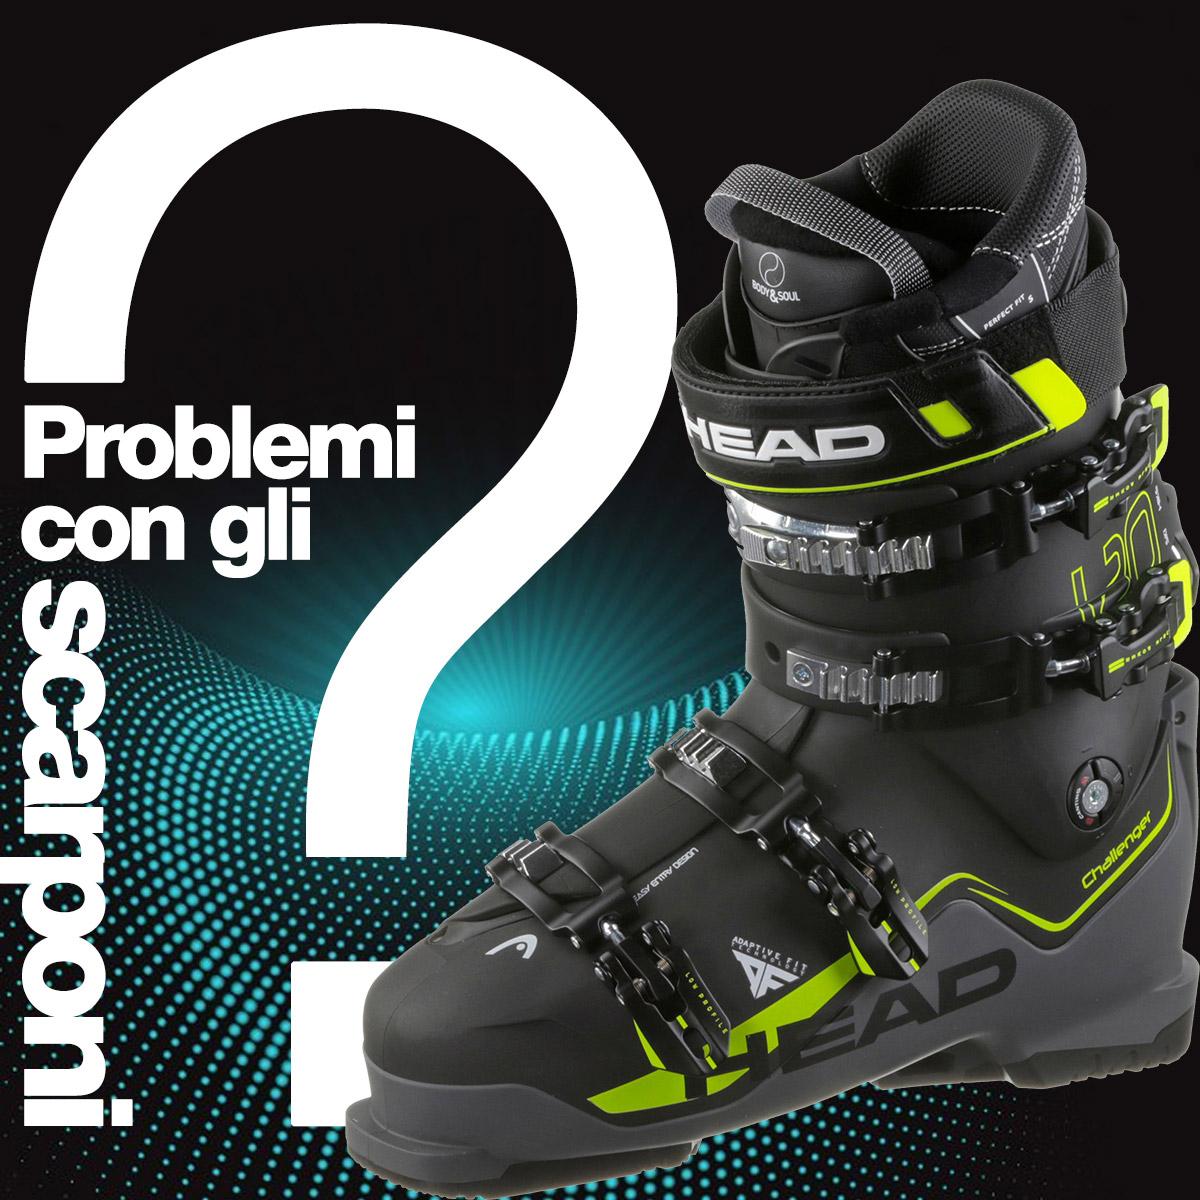 lowest price 355a7 4d6b4 Problemi con gli scarponi? Li risolviamo noi! - Bottero Ski